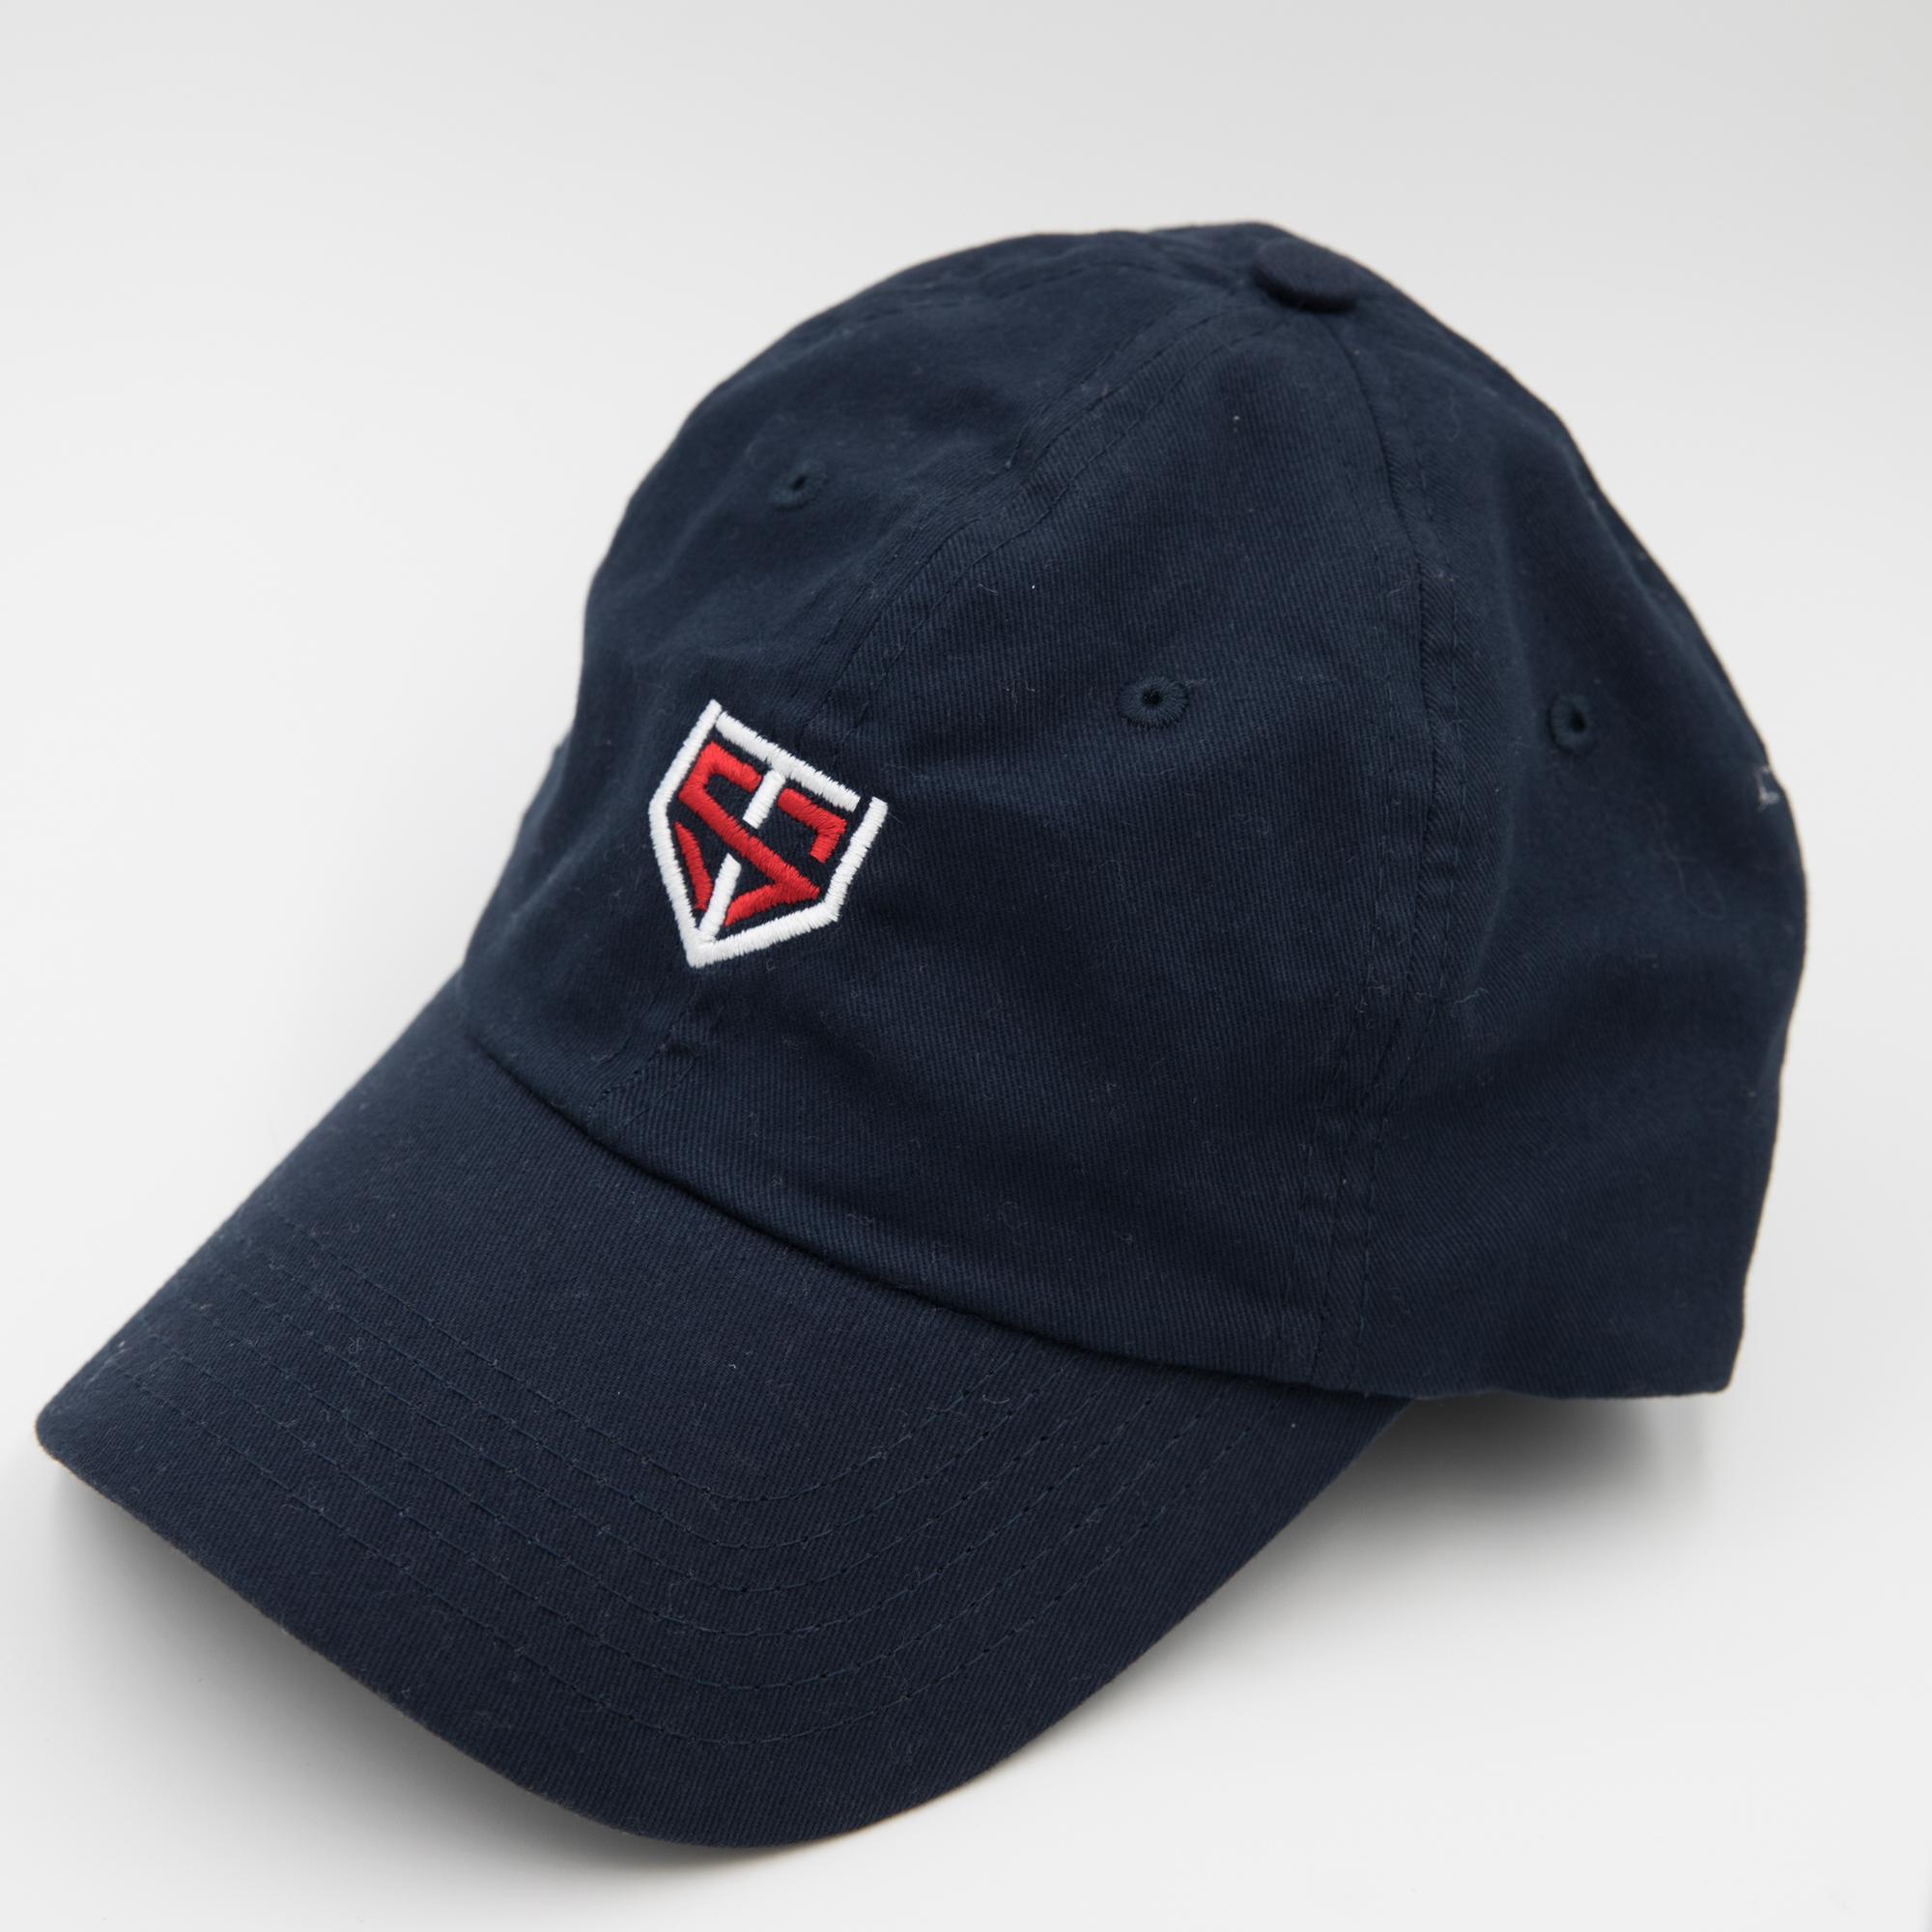 Baseball Hat Favor